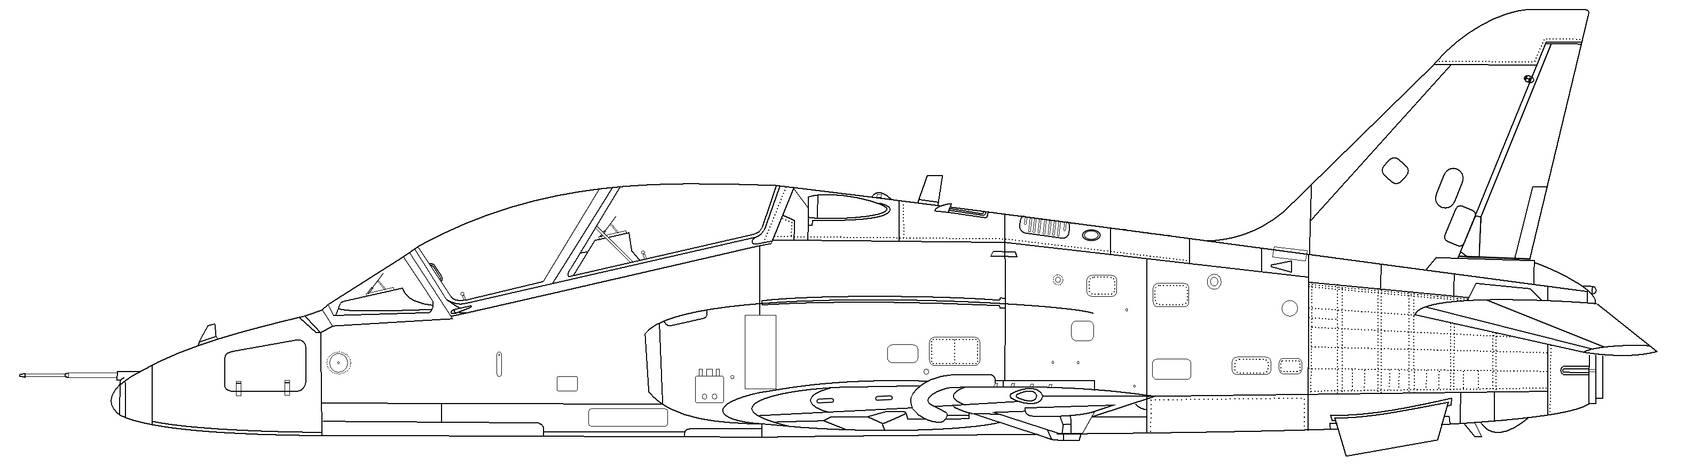 Hawk TMk1